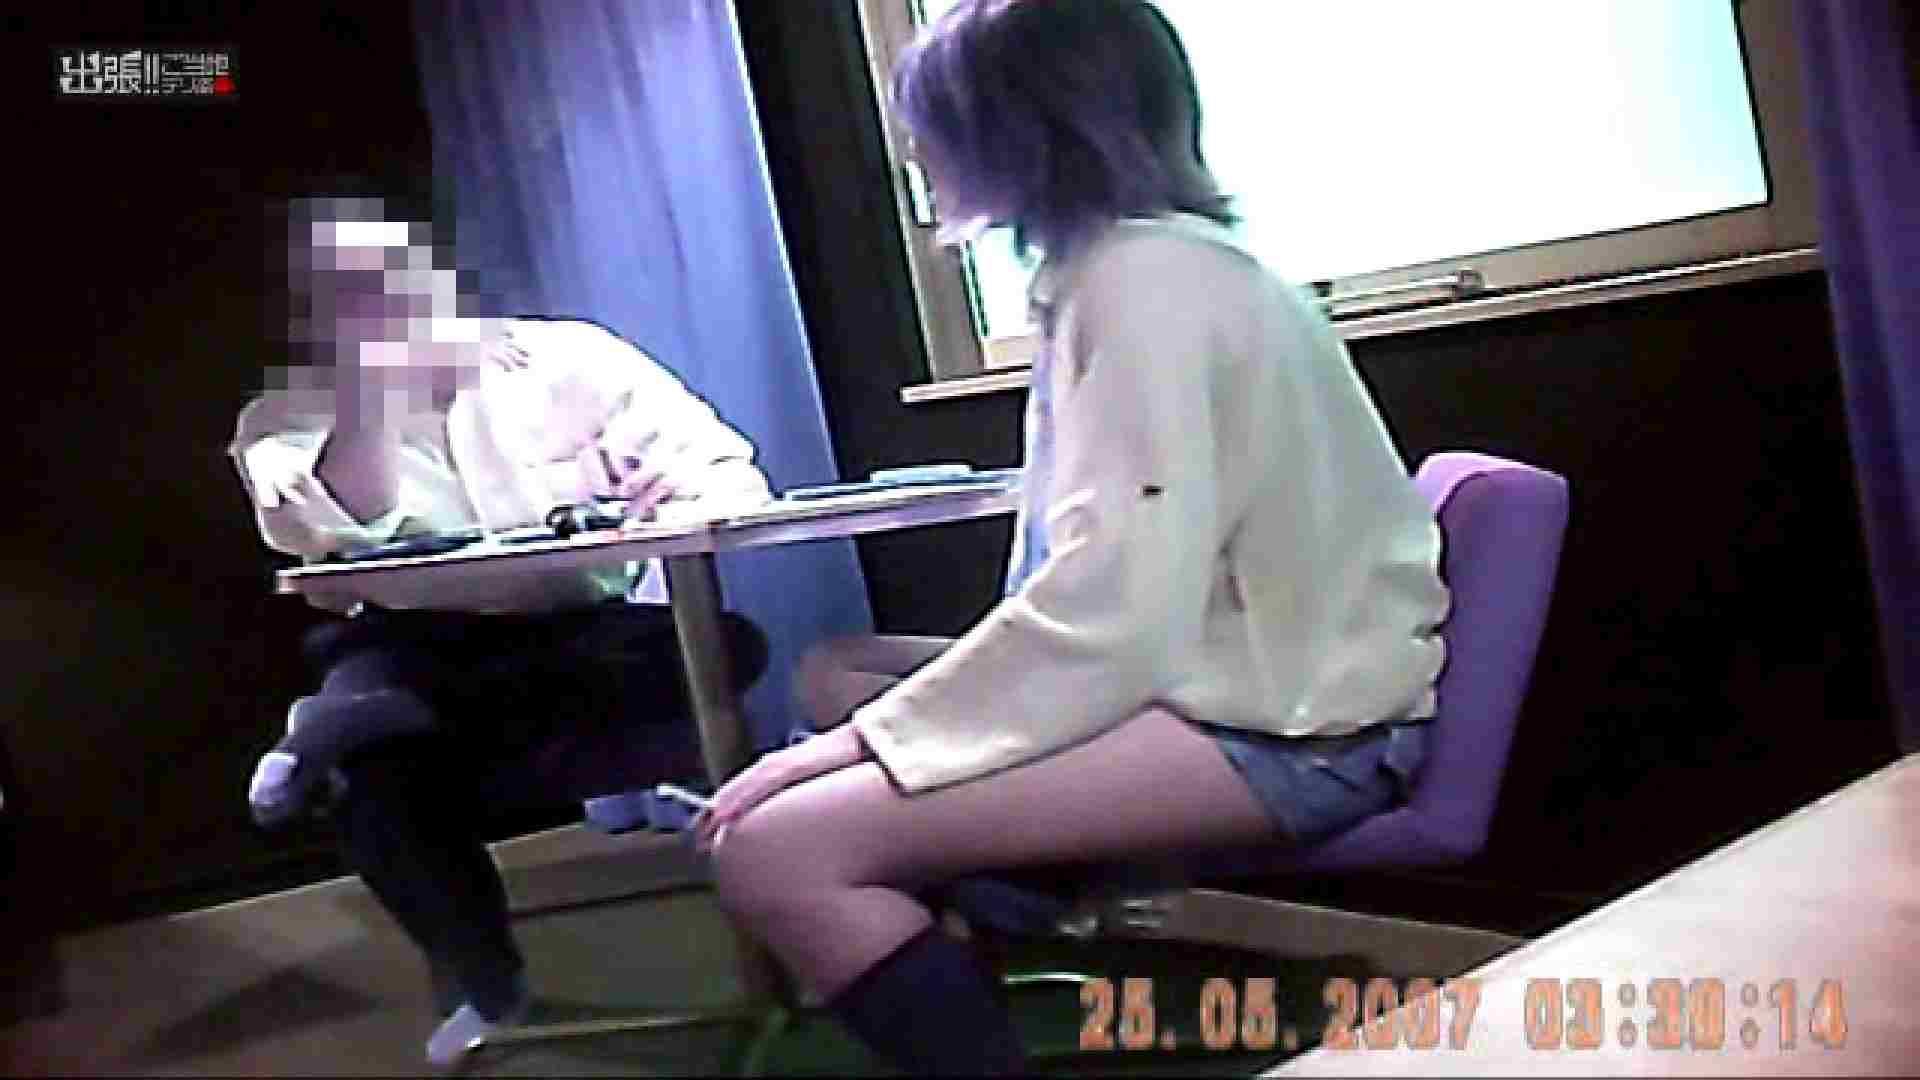 出張リーマンのデリ嬢隠し撮り第3弾vol.5 盗撮 アダルト動画キャプチャ 97pic 40